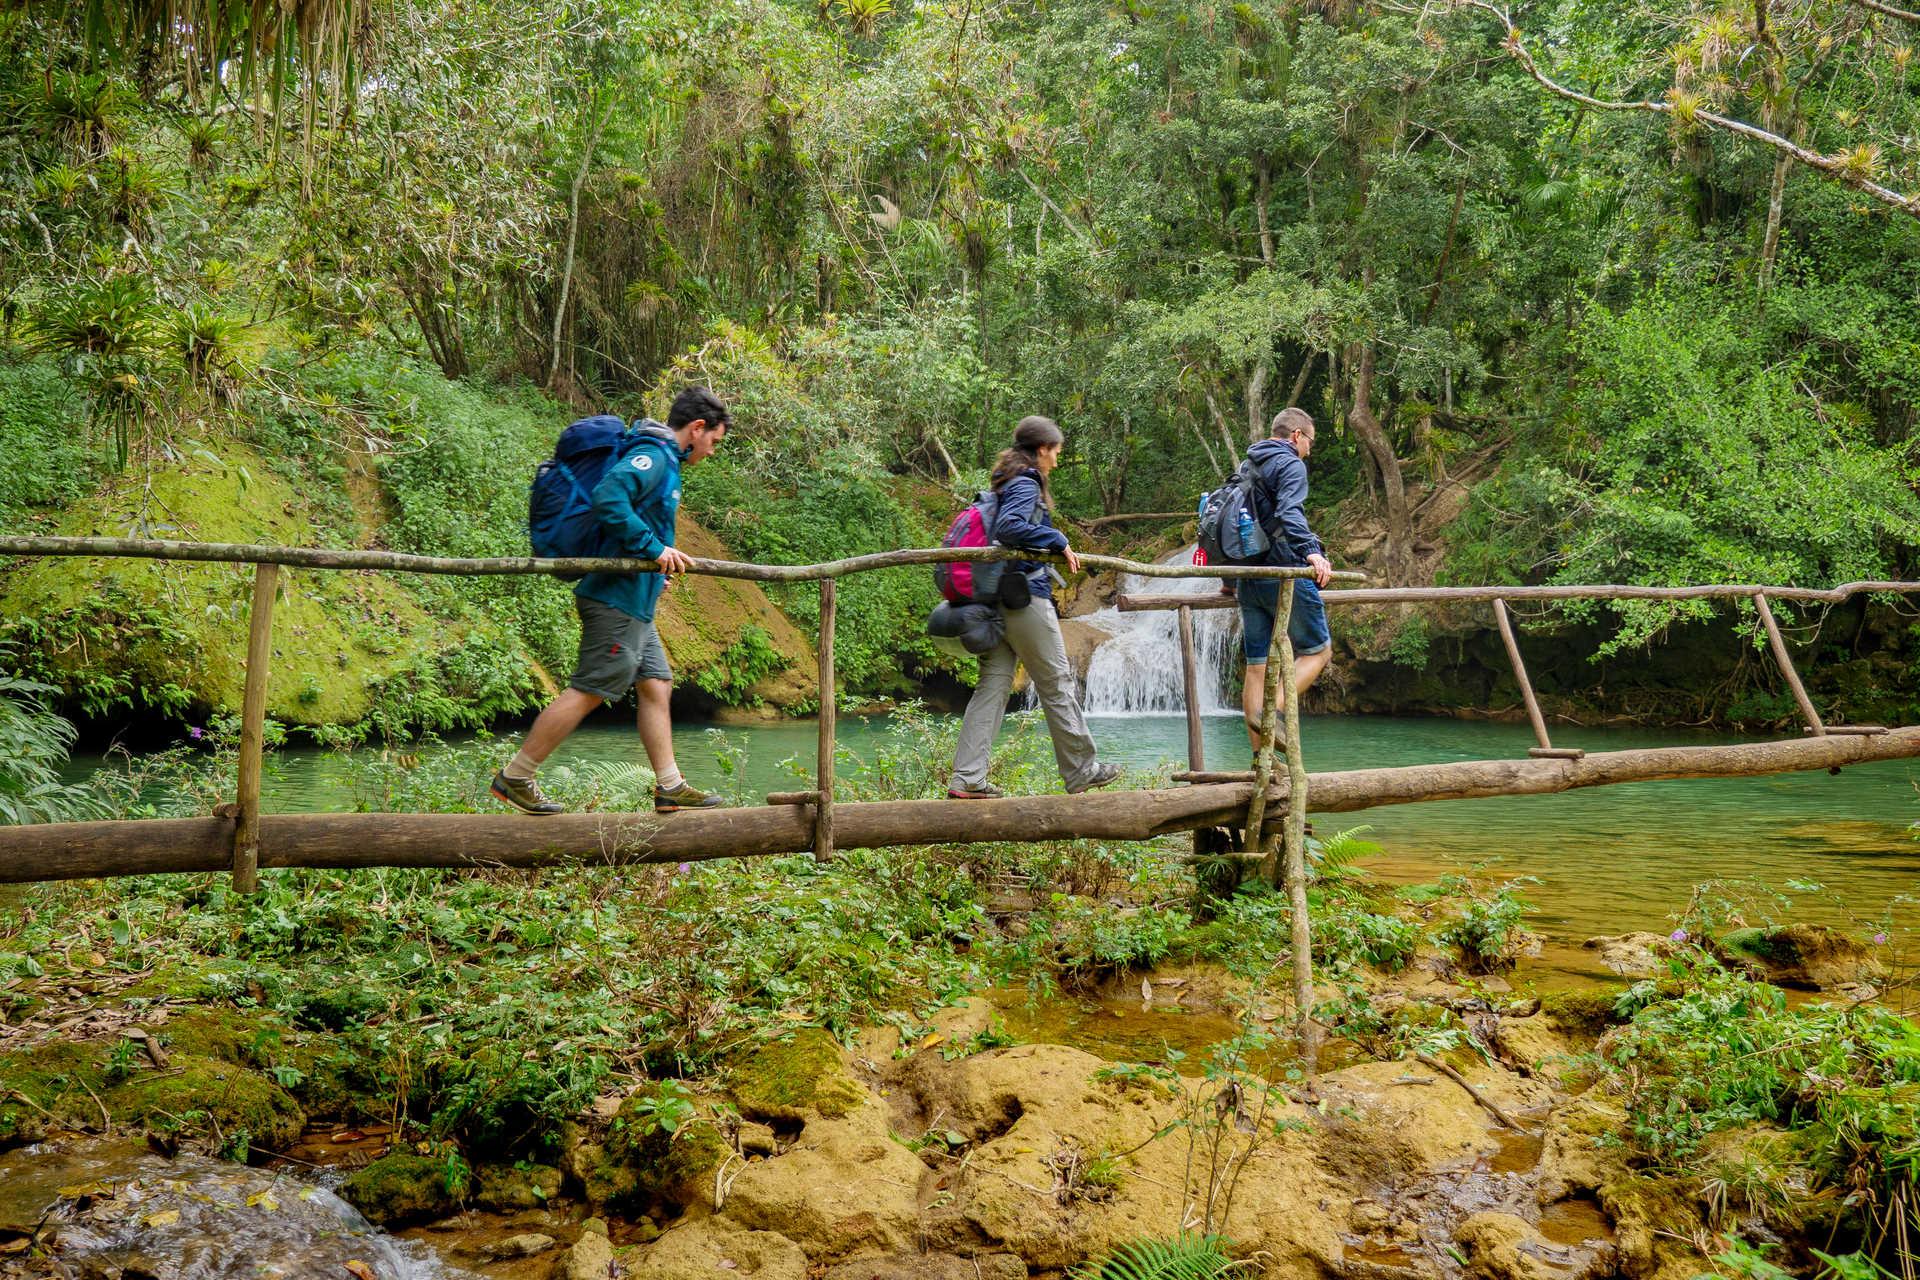 Randonnée dans le parc naturel de Topes de Collantes